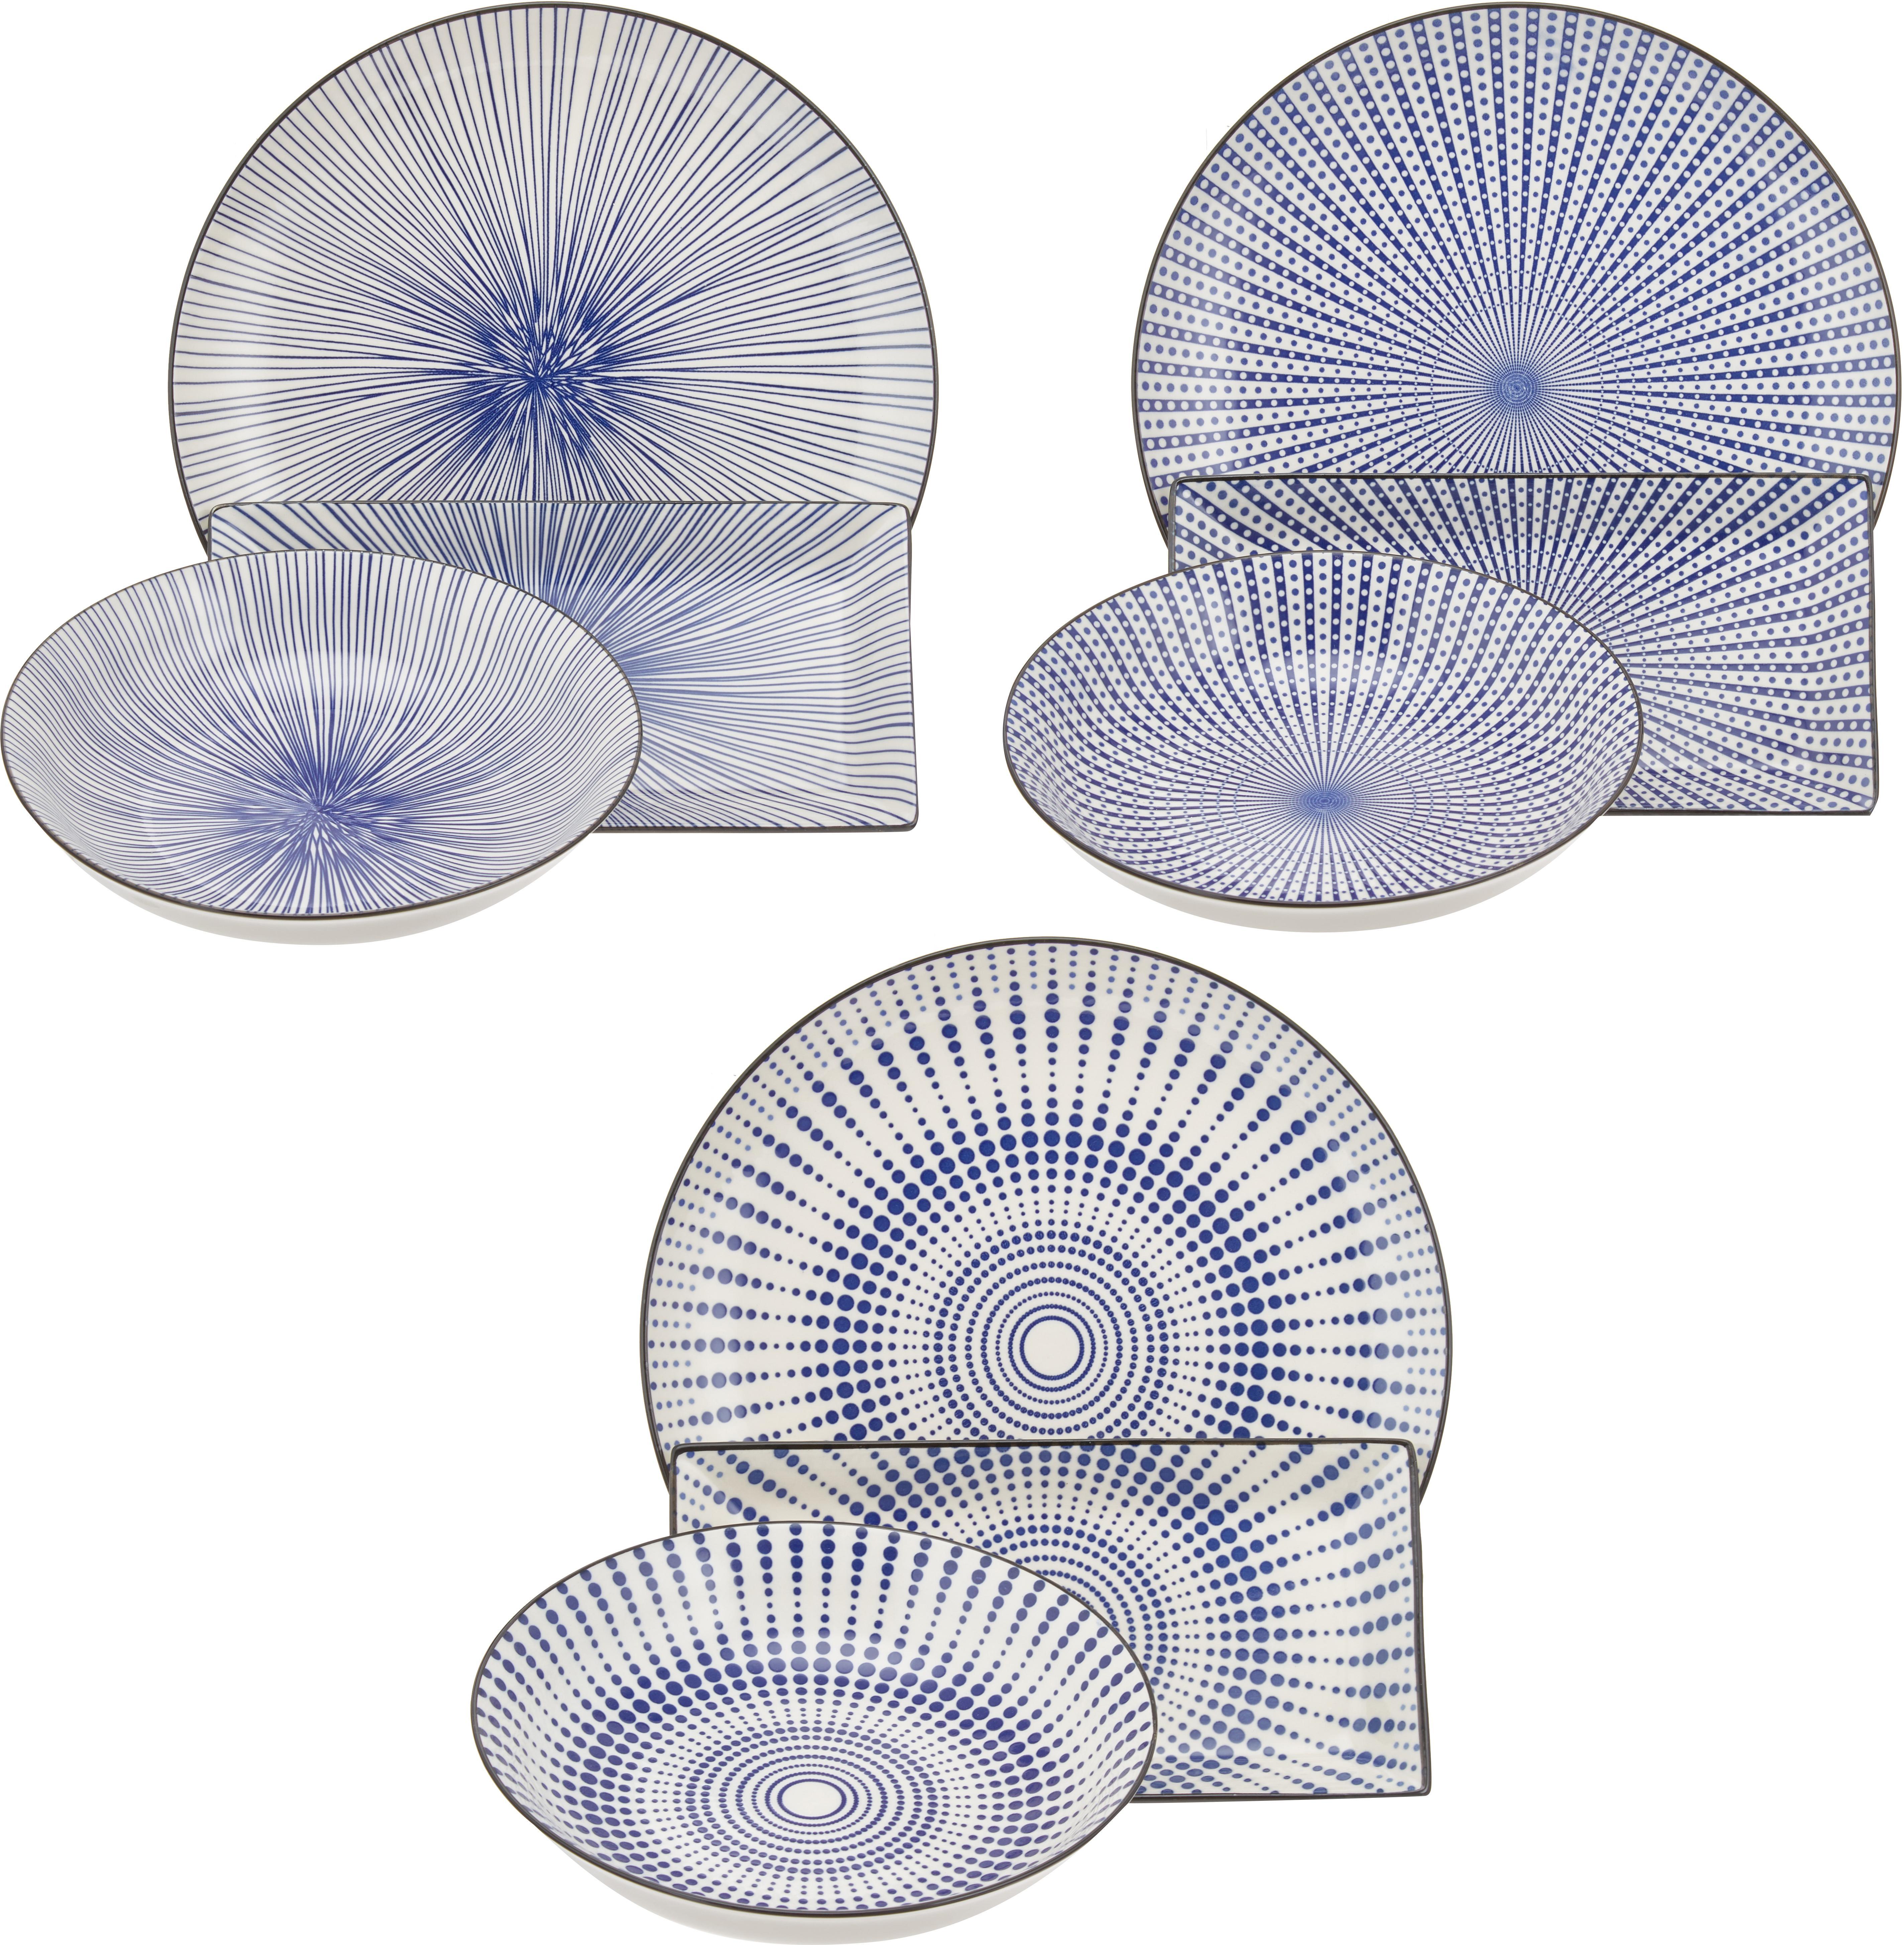 Vajilla Skiathos, 6comensales (18pzas.), Gres, Azul, blanco crudo, Tamaños diferentes